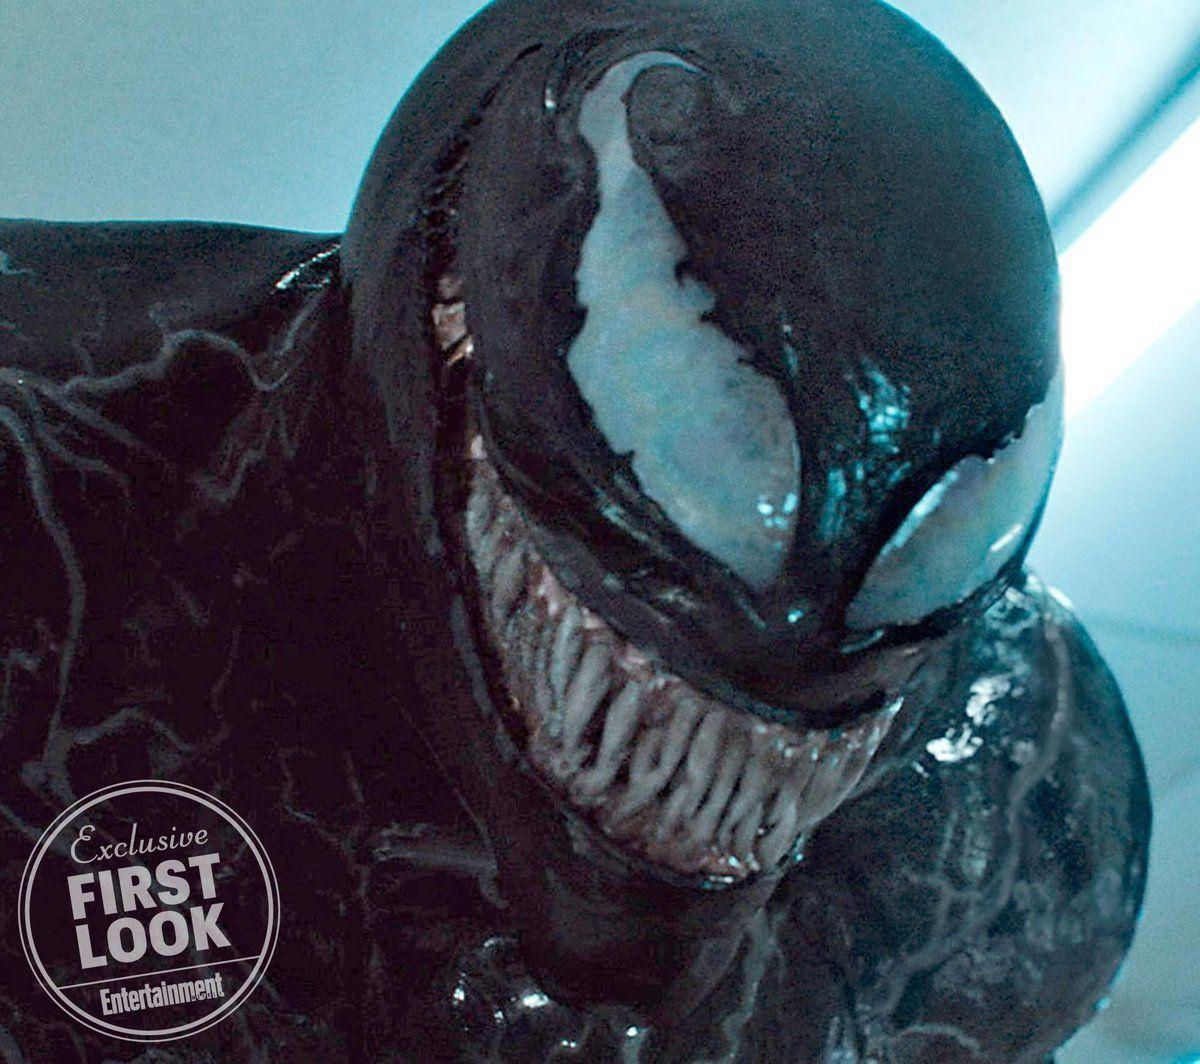 Sony unveil 2 new Venom movie stills!